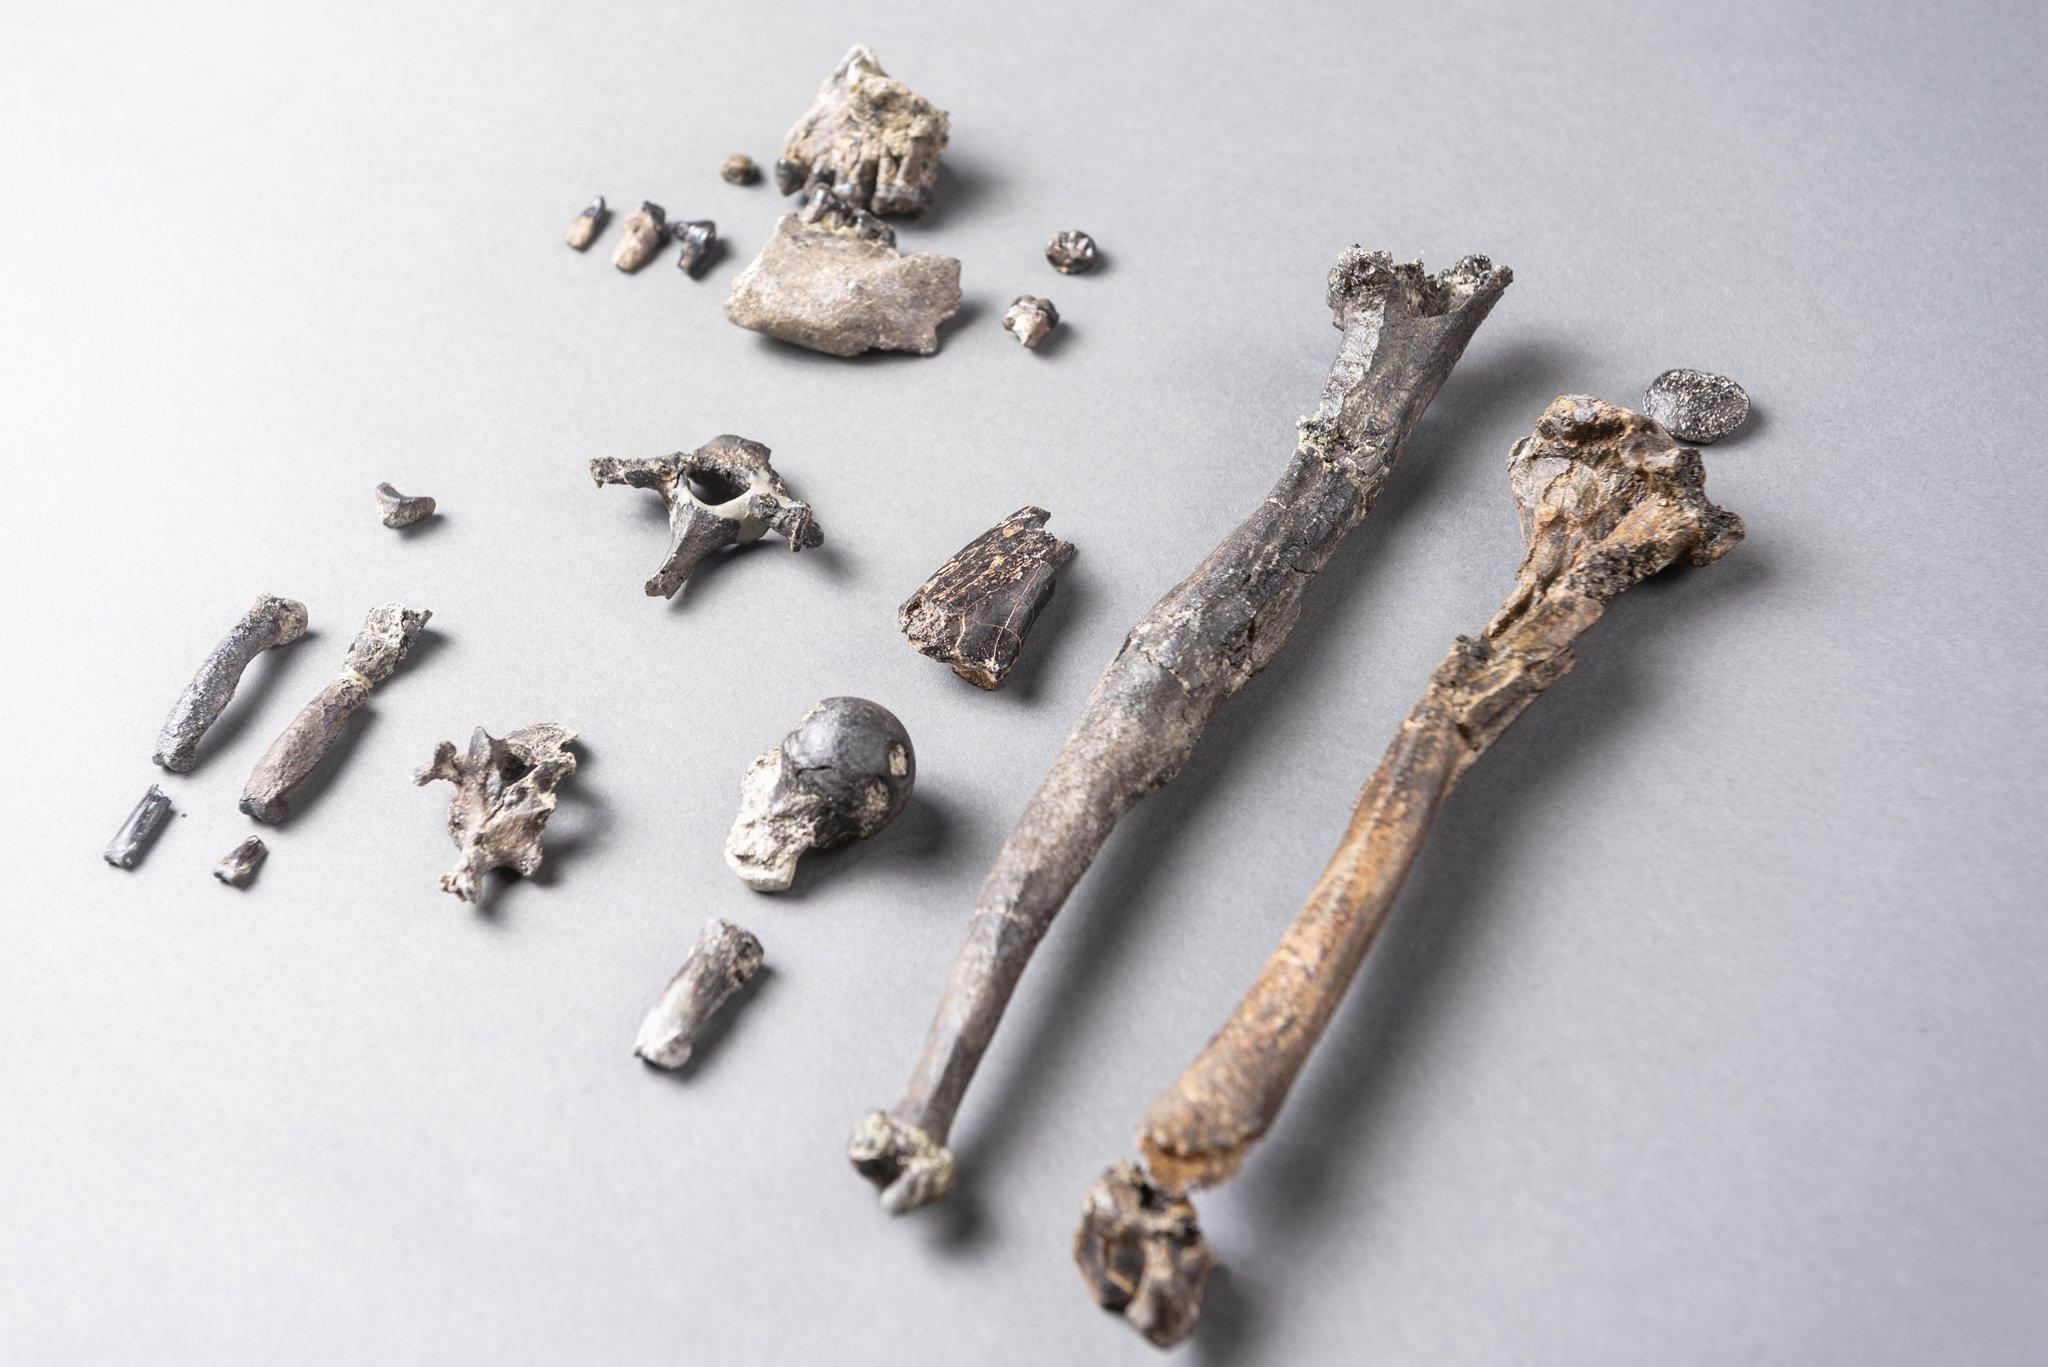 """Hier sind die 21Knochenstücke zu sehen, die Forscher von dem Menschenaffen """"Udo"""" gefunden haben. Es handelt sich nur um den Bruchteil eines kompletten Skelettes und doch verraten die Fossilien den Wissenschaftlern, dass """"Udo"""" sowohl aufrecht gehen als auch gut klettern konnte."""